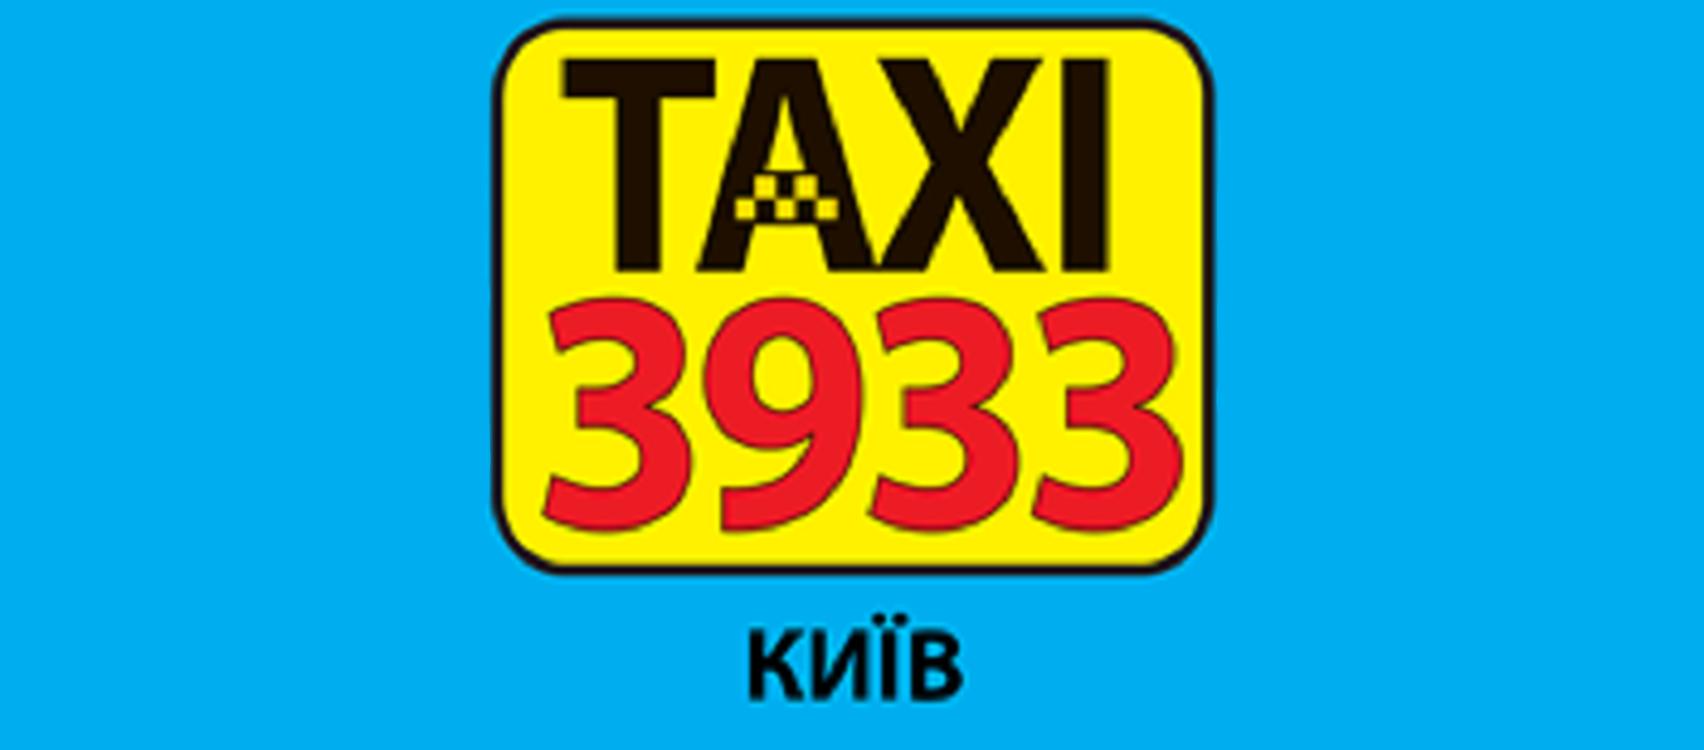 Такси 3933  (Киев)